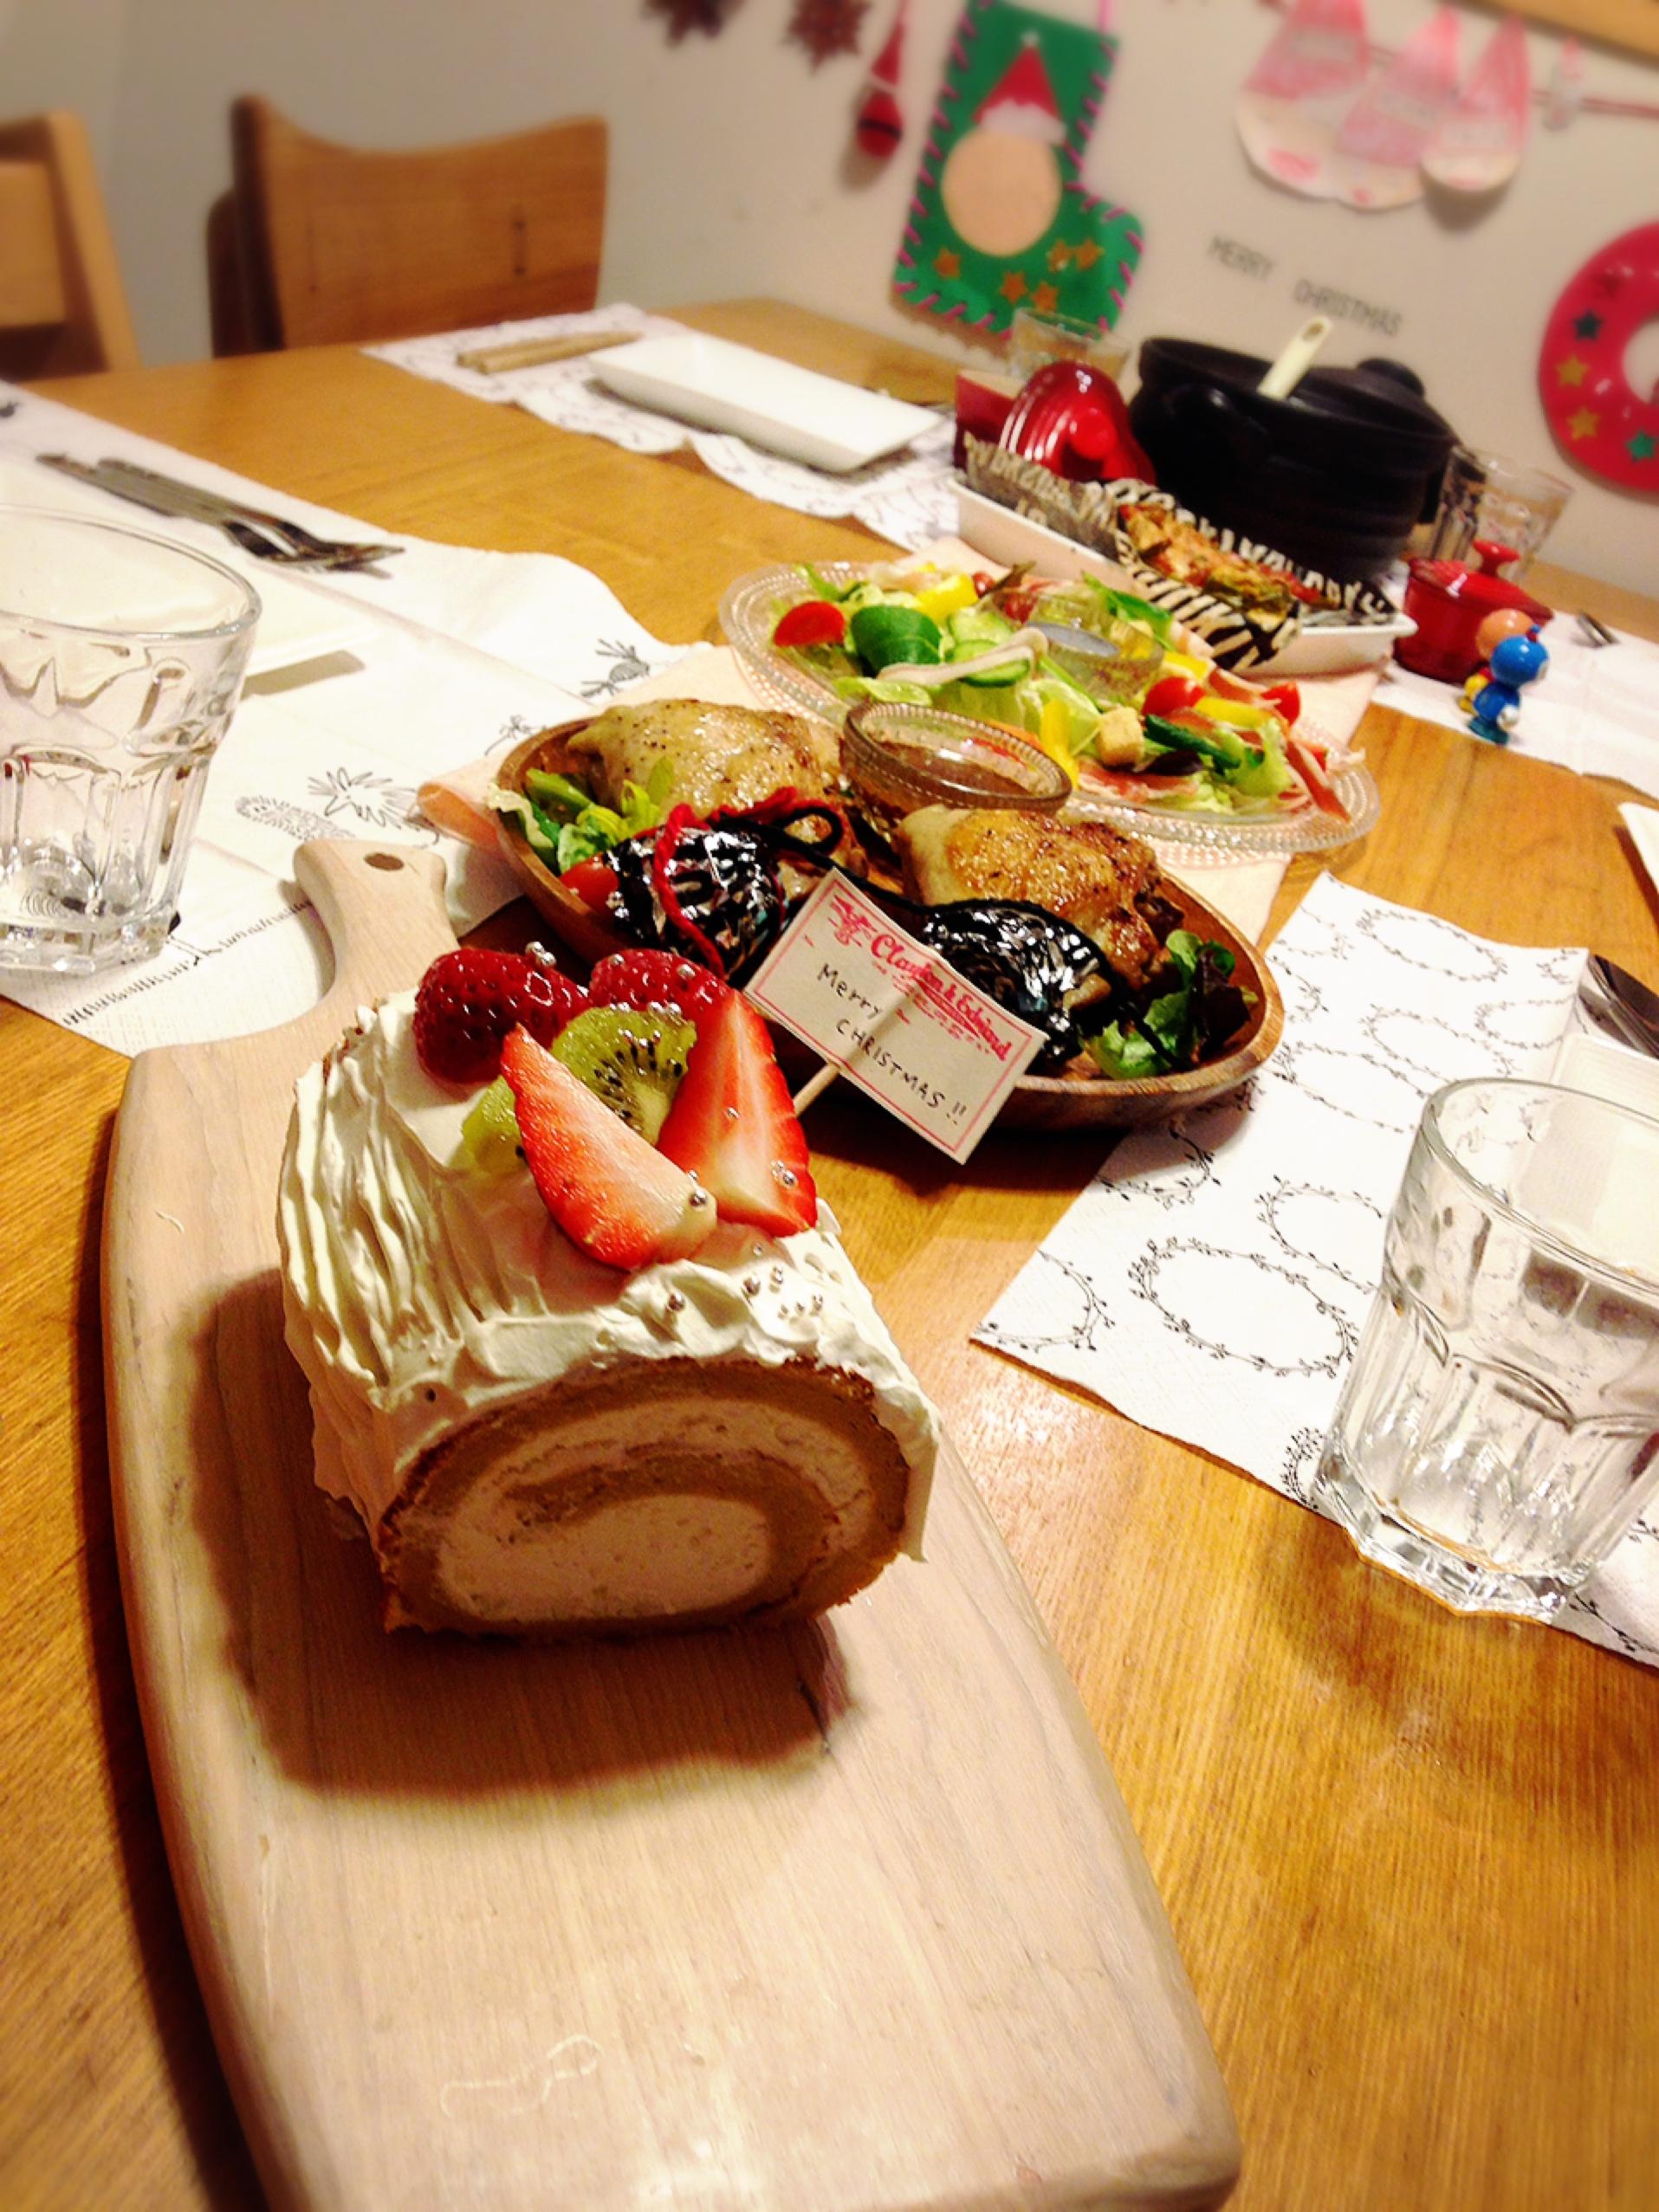 クリスマスのご飯 2016 レシピはクックパッド様やらブロガーさんをフル活用したよっ!!